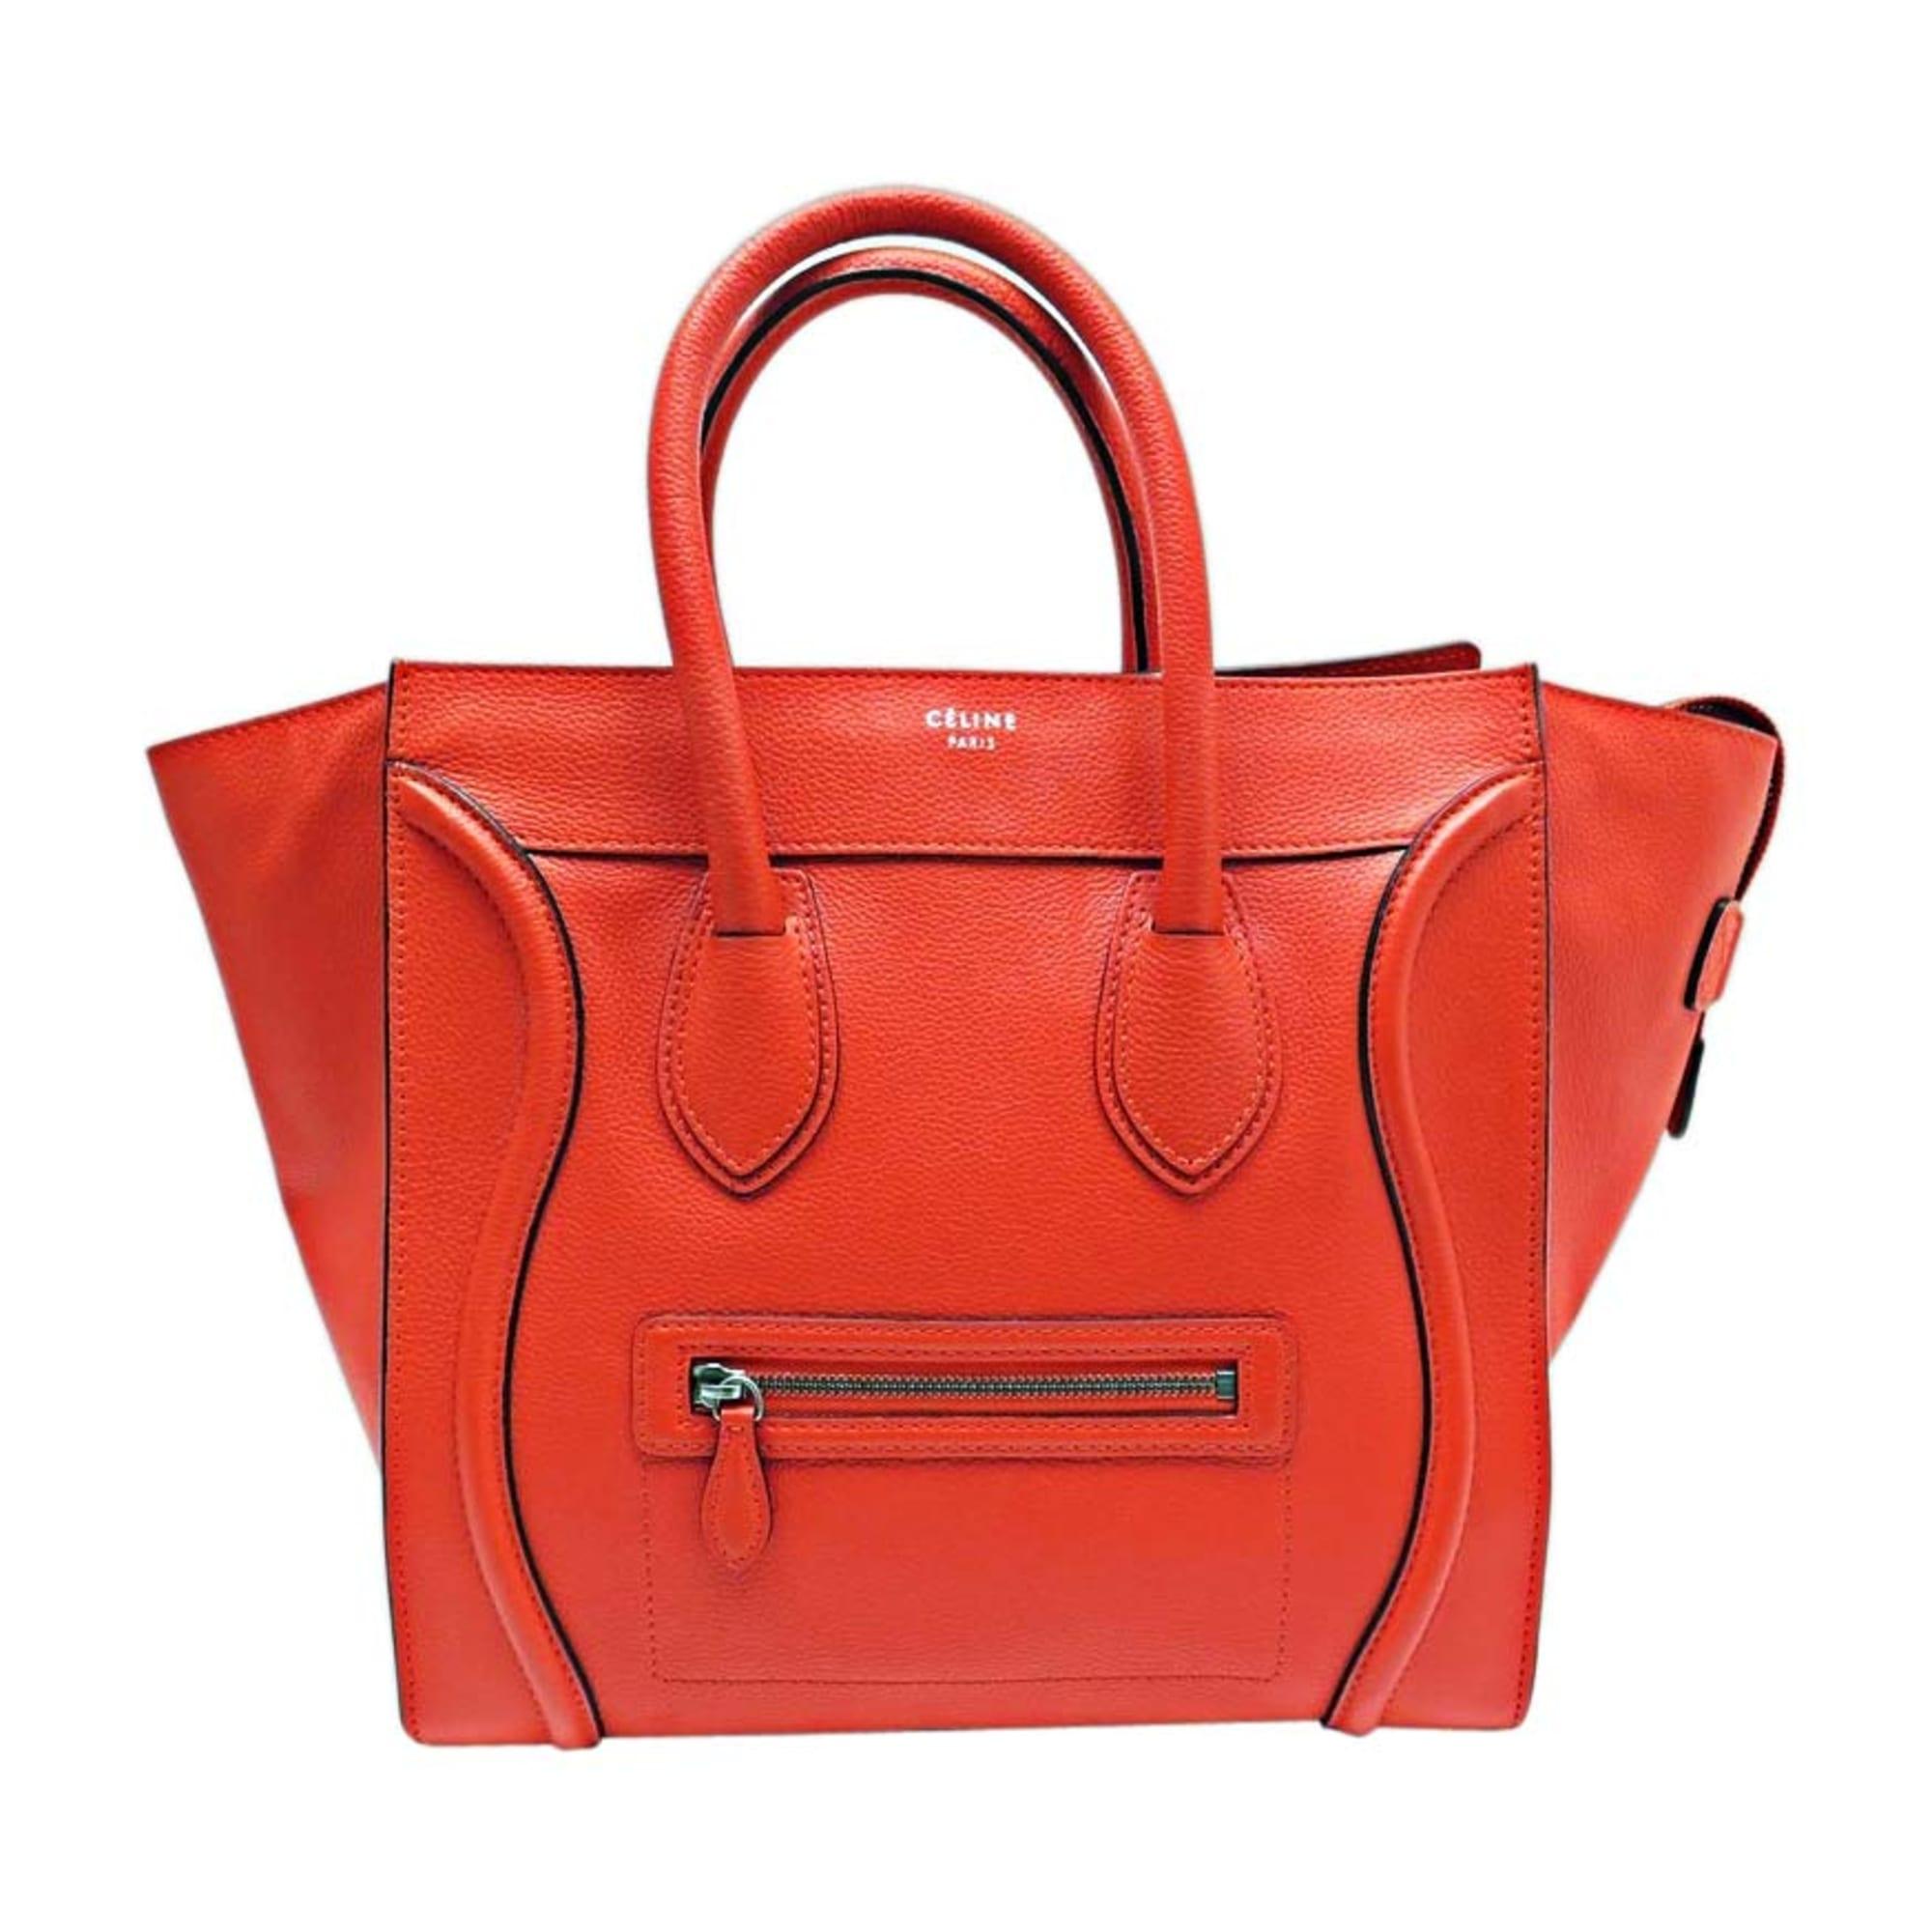 88857453ff Sac à main en cuir CÉLINE luggage orange - 7905934